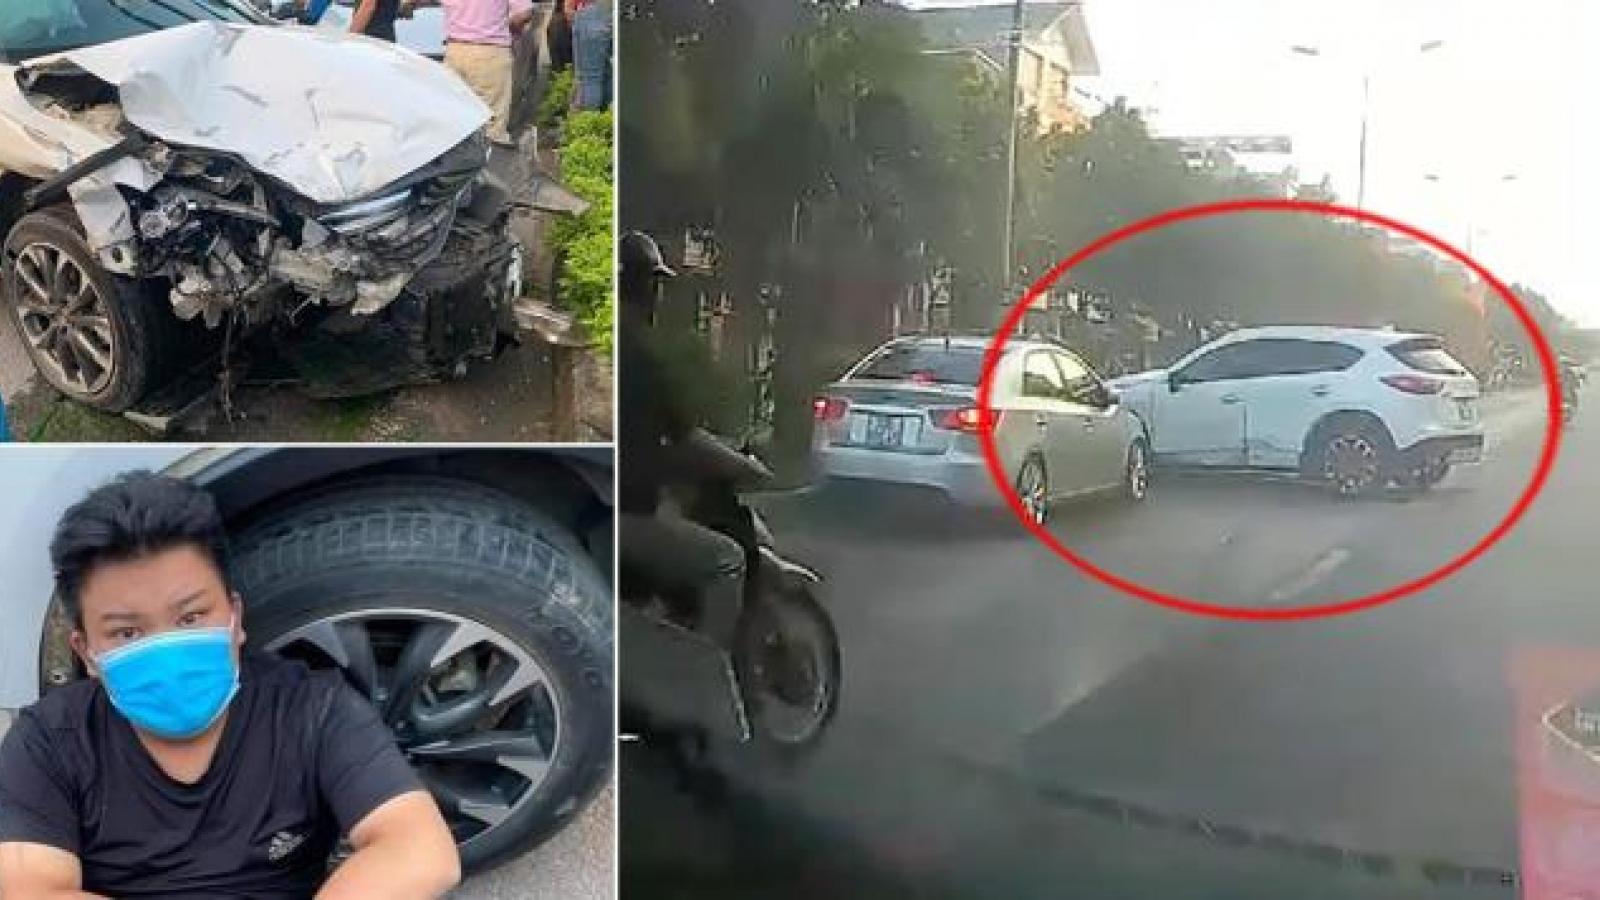 Ô tô đâm liên hoàn rồi bỏ chạy làm 1 người chết, nhiều người bị thương